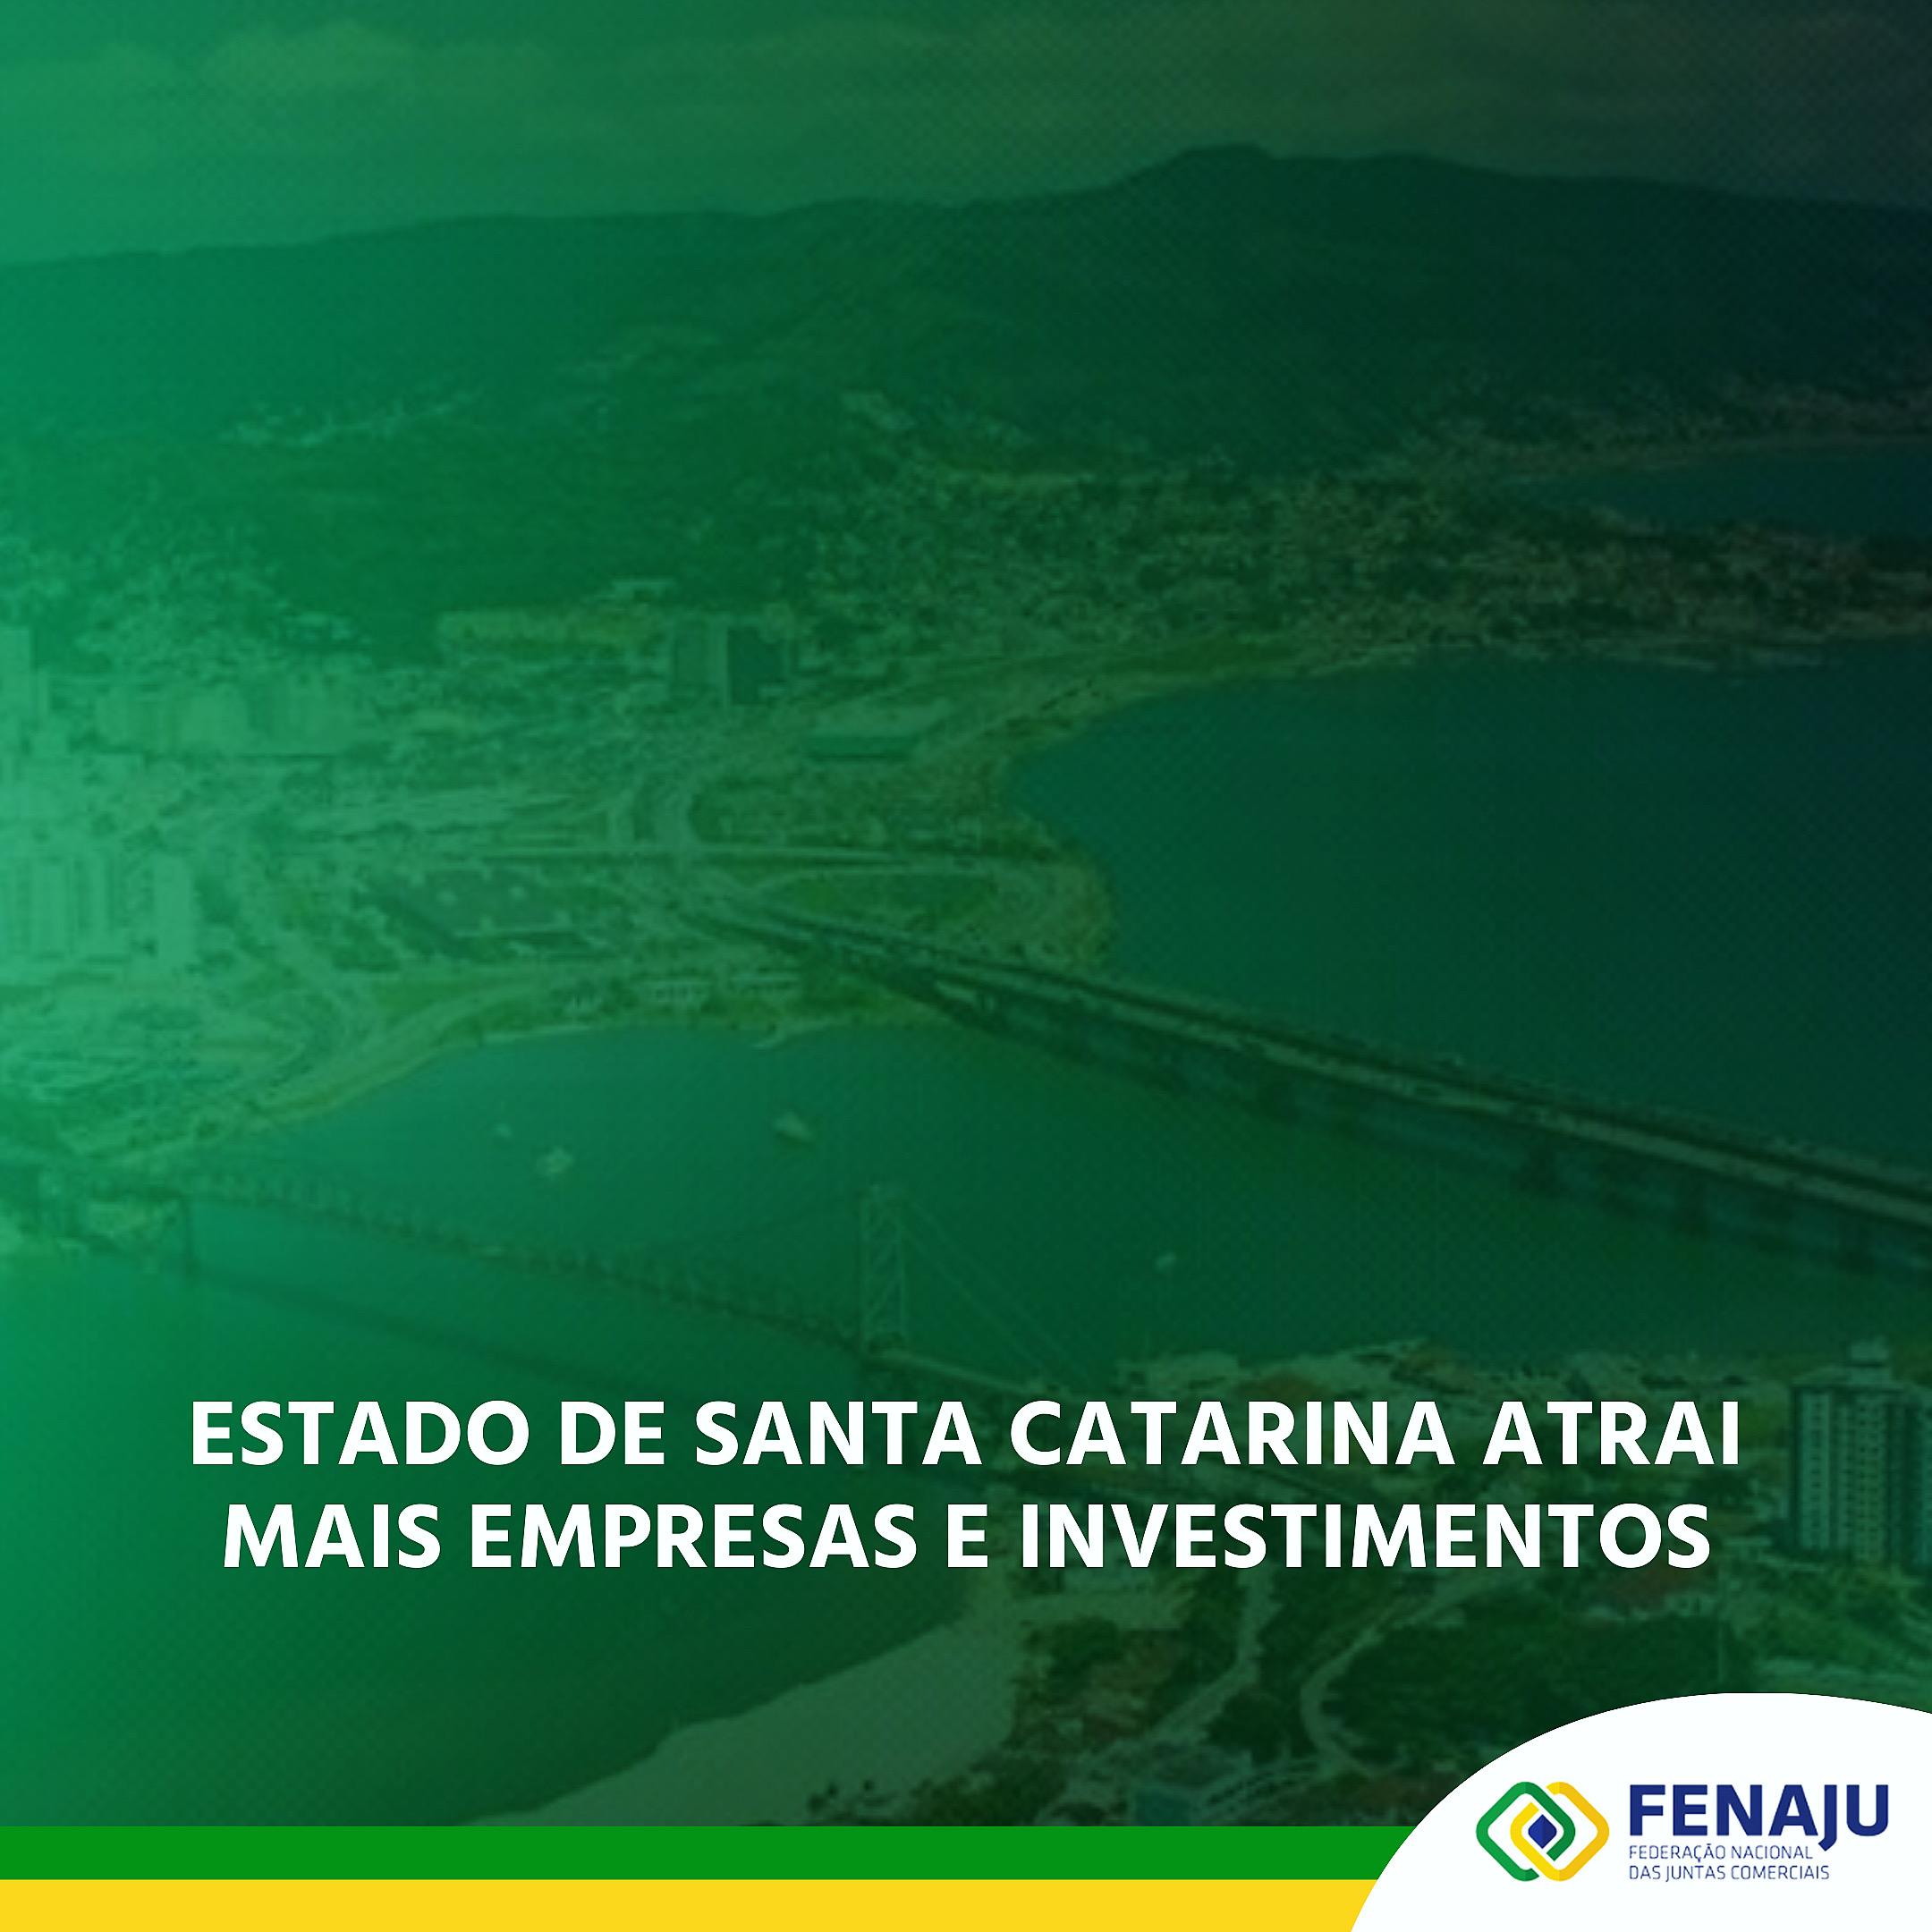 Estado de Santa Catarina atrai mais empresas e investimentos